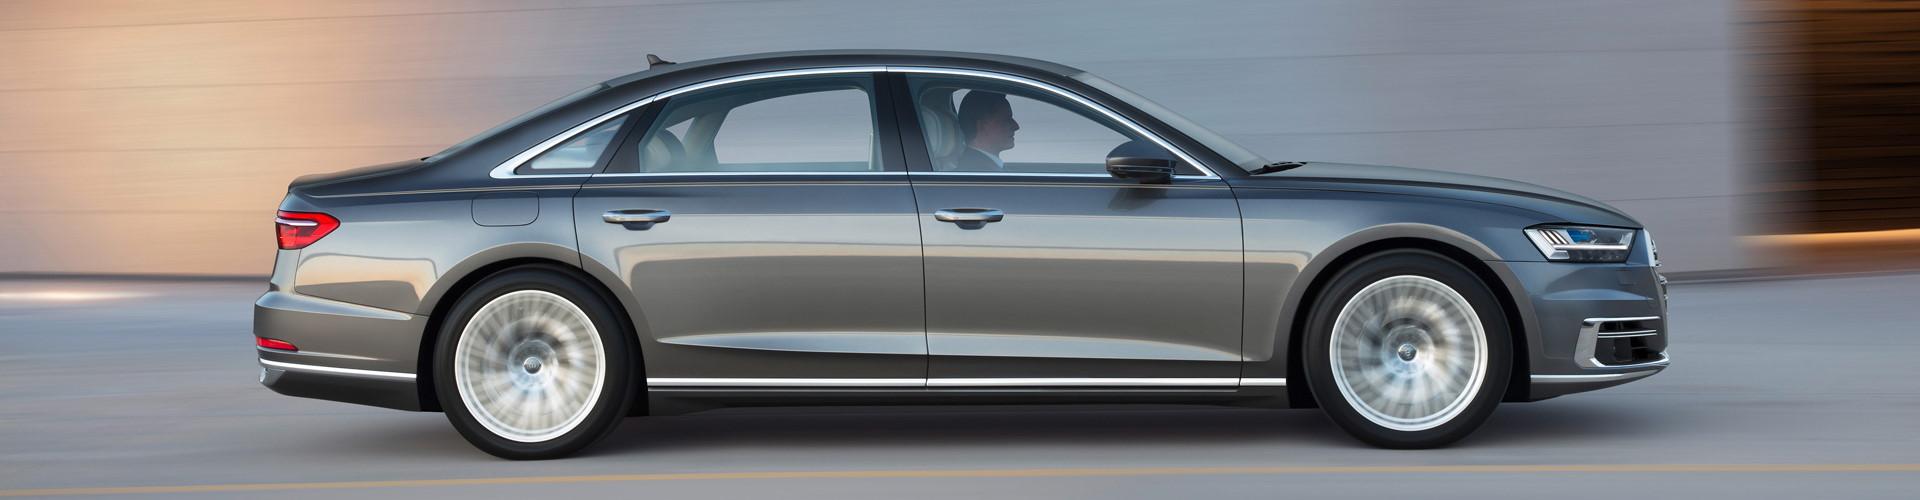 Машина на прокат Audi A8L 3.0